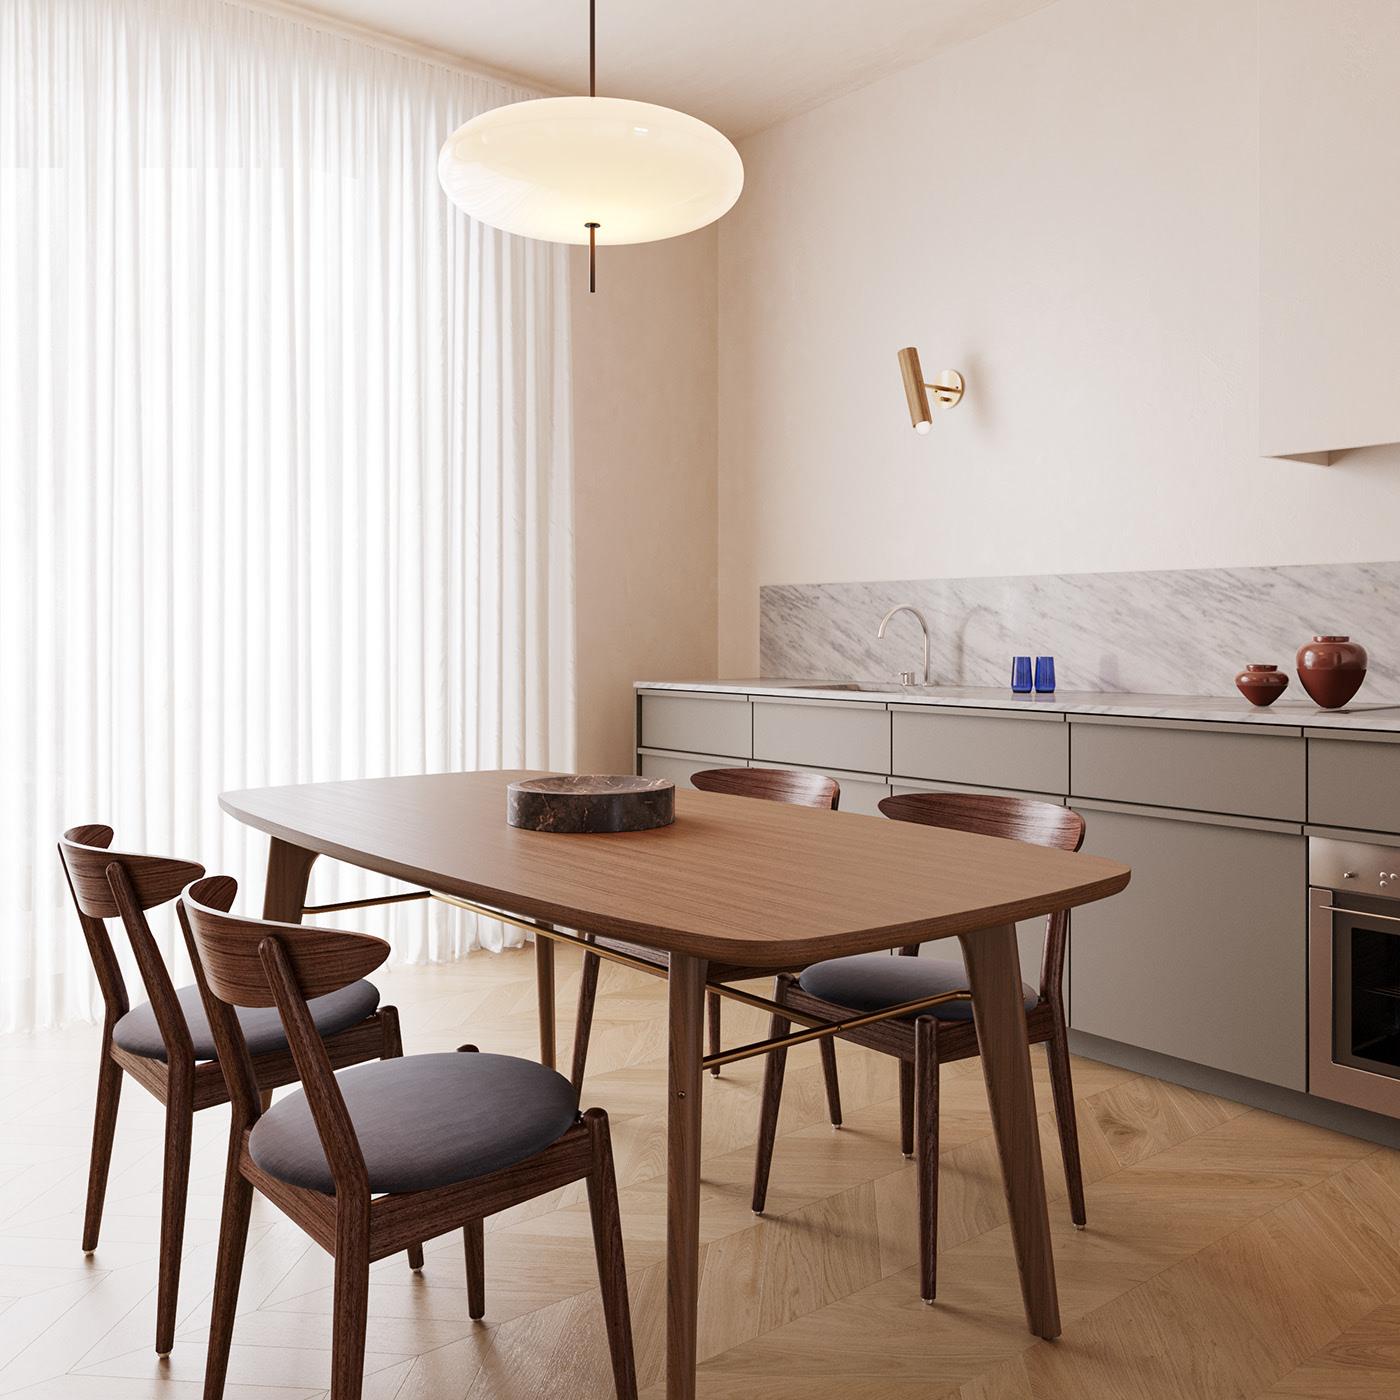 Bộ bàn ăn gỗ sồi vô cùng dễ chịu, cẩn thận lót thêm đệm ngồi để êm hơn, còn có thể thoải mái ngồi vào mùa đông